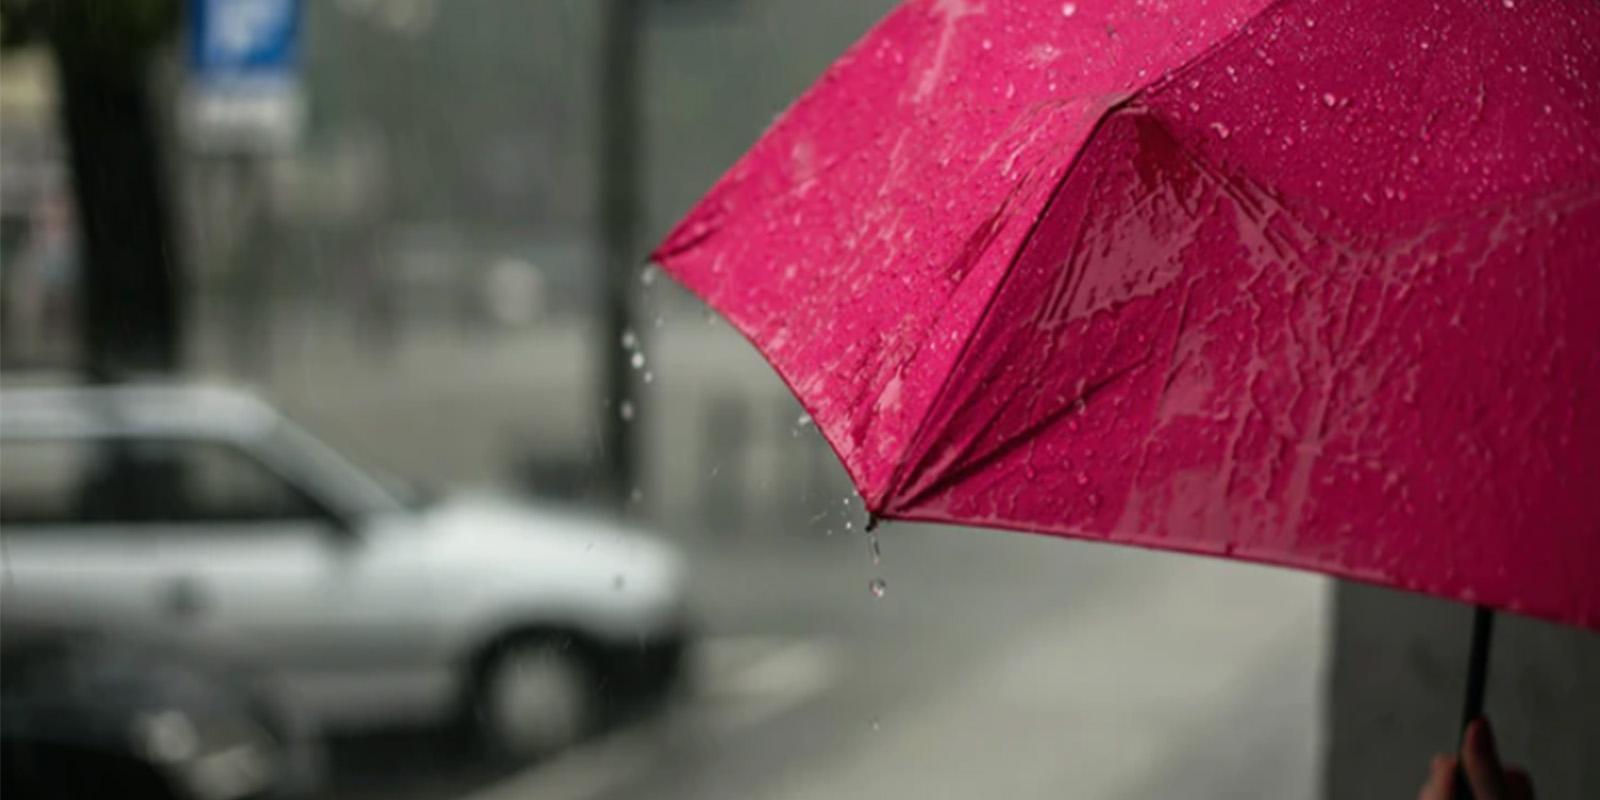 Ramazan Bayramı'nda hava nasıl olacak? Bayramda yağmur yağacak mı 2021?